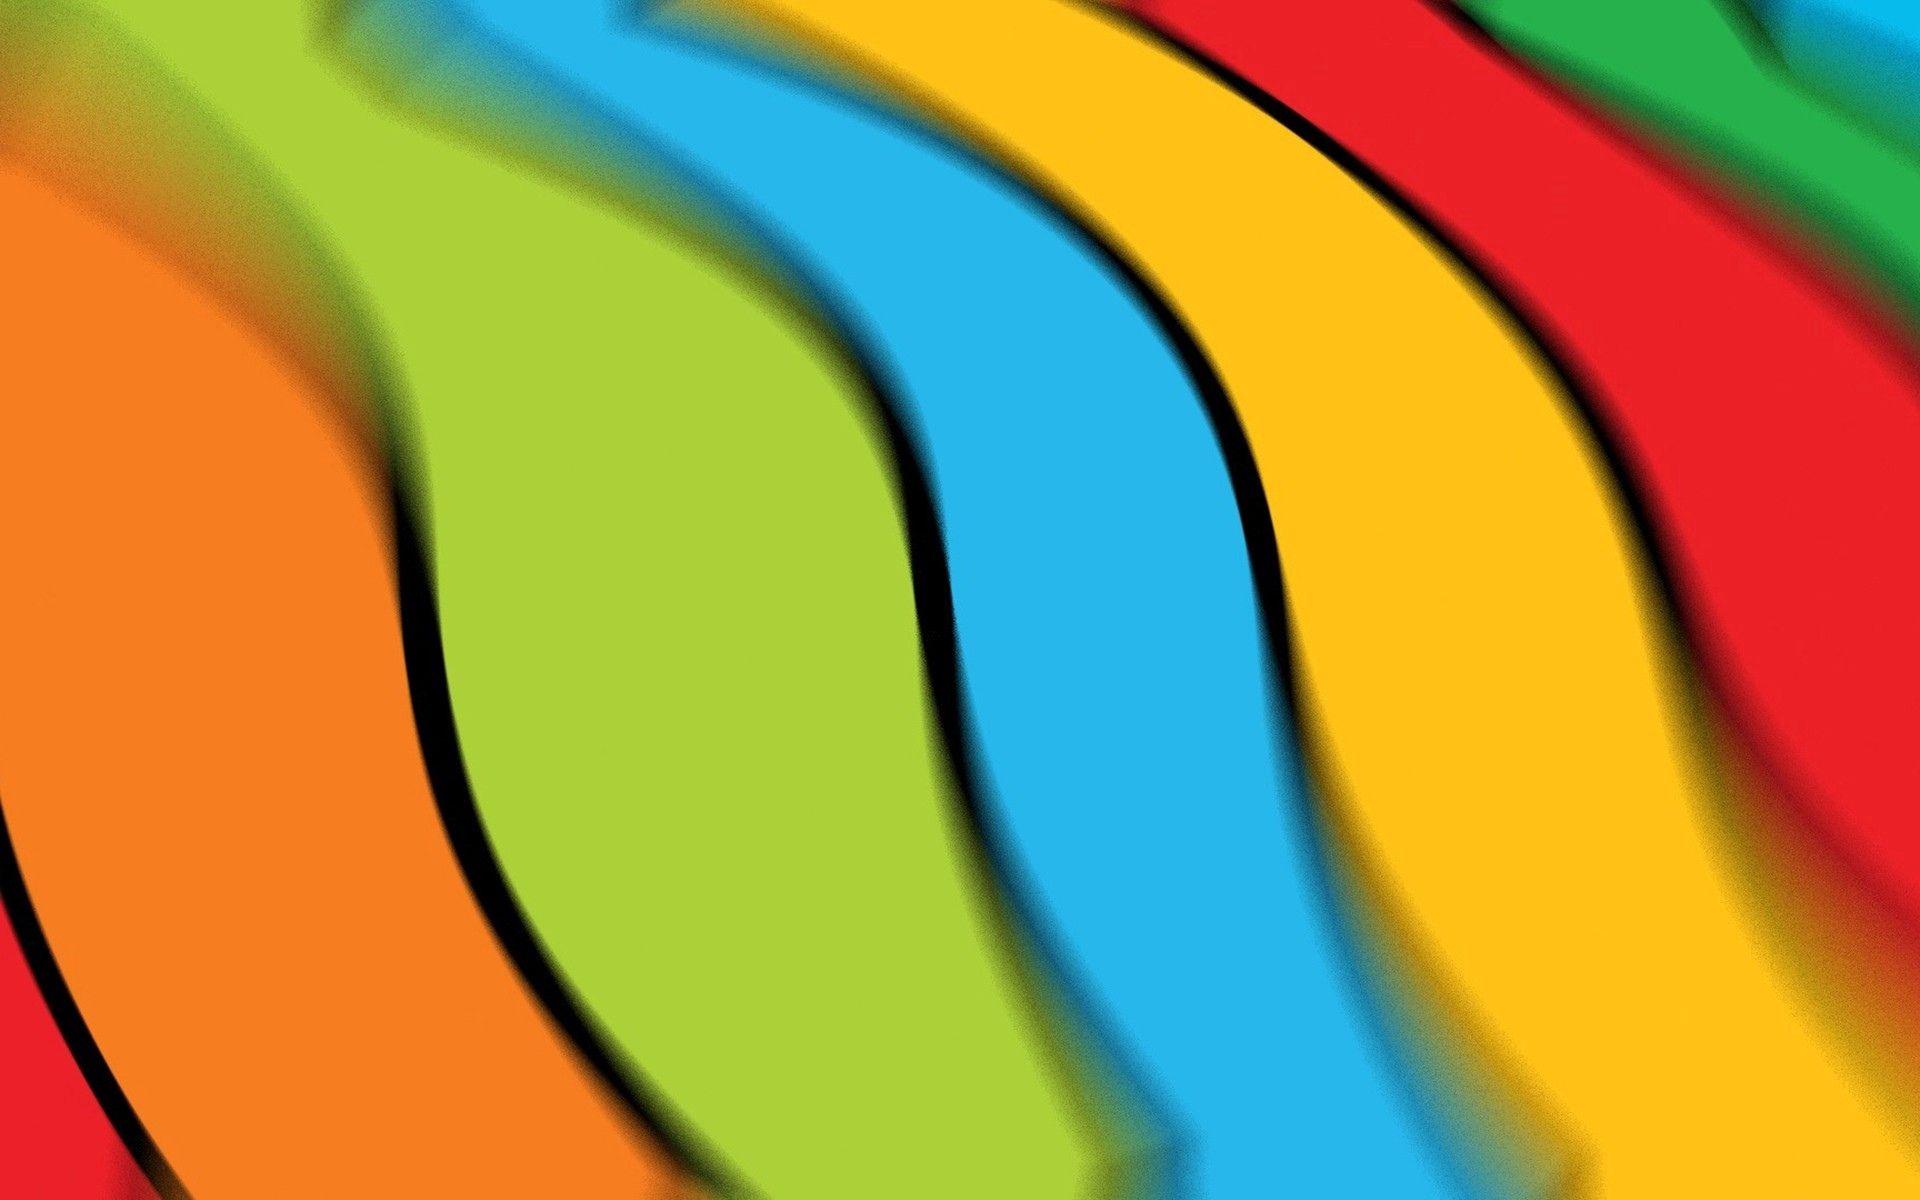 70509 скачать обои Цвет, Абстракция, Яркий, Линии, Полосы - заставки и картинки бесплатно